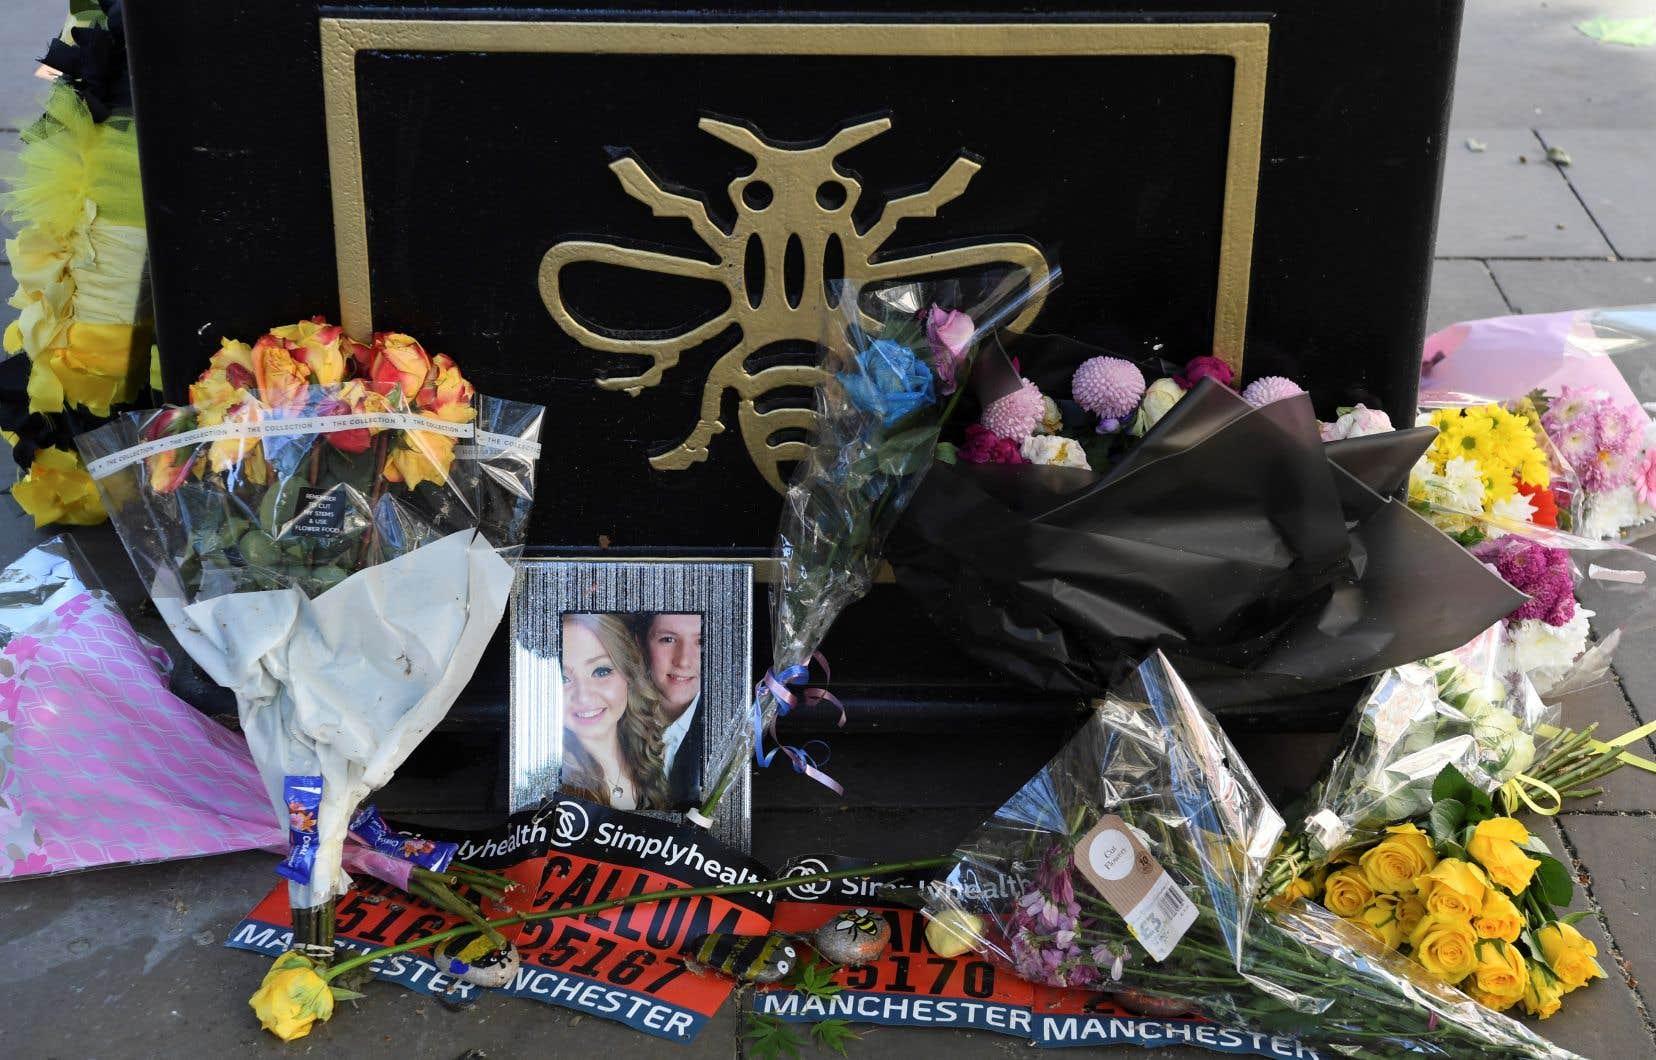 Le Royaume-Uni rend hommage mardi aux victimes de l'attentat suicide de Manchester, qui a tué 22 personnes, il y a un an.